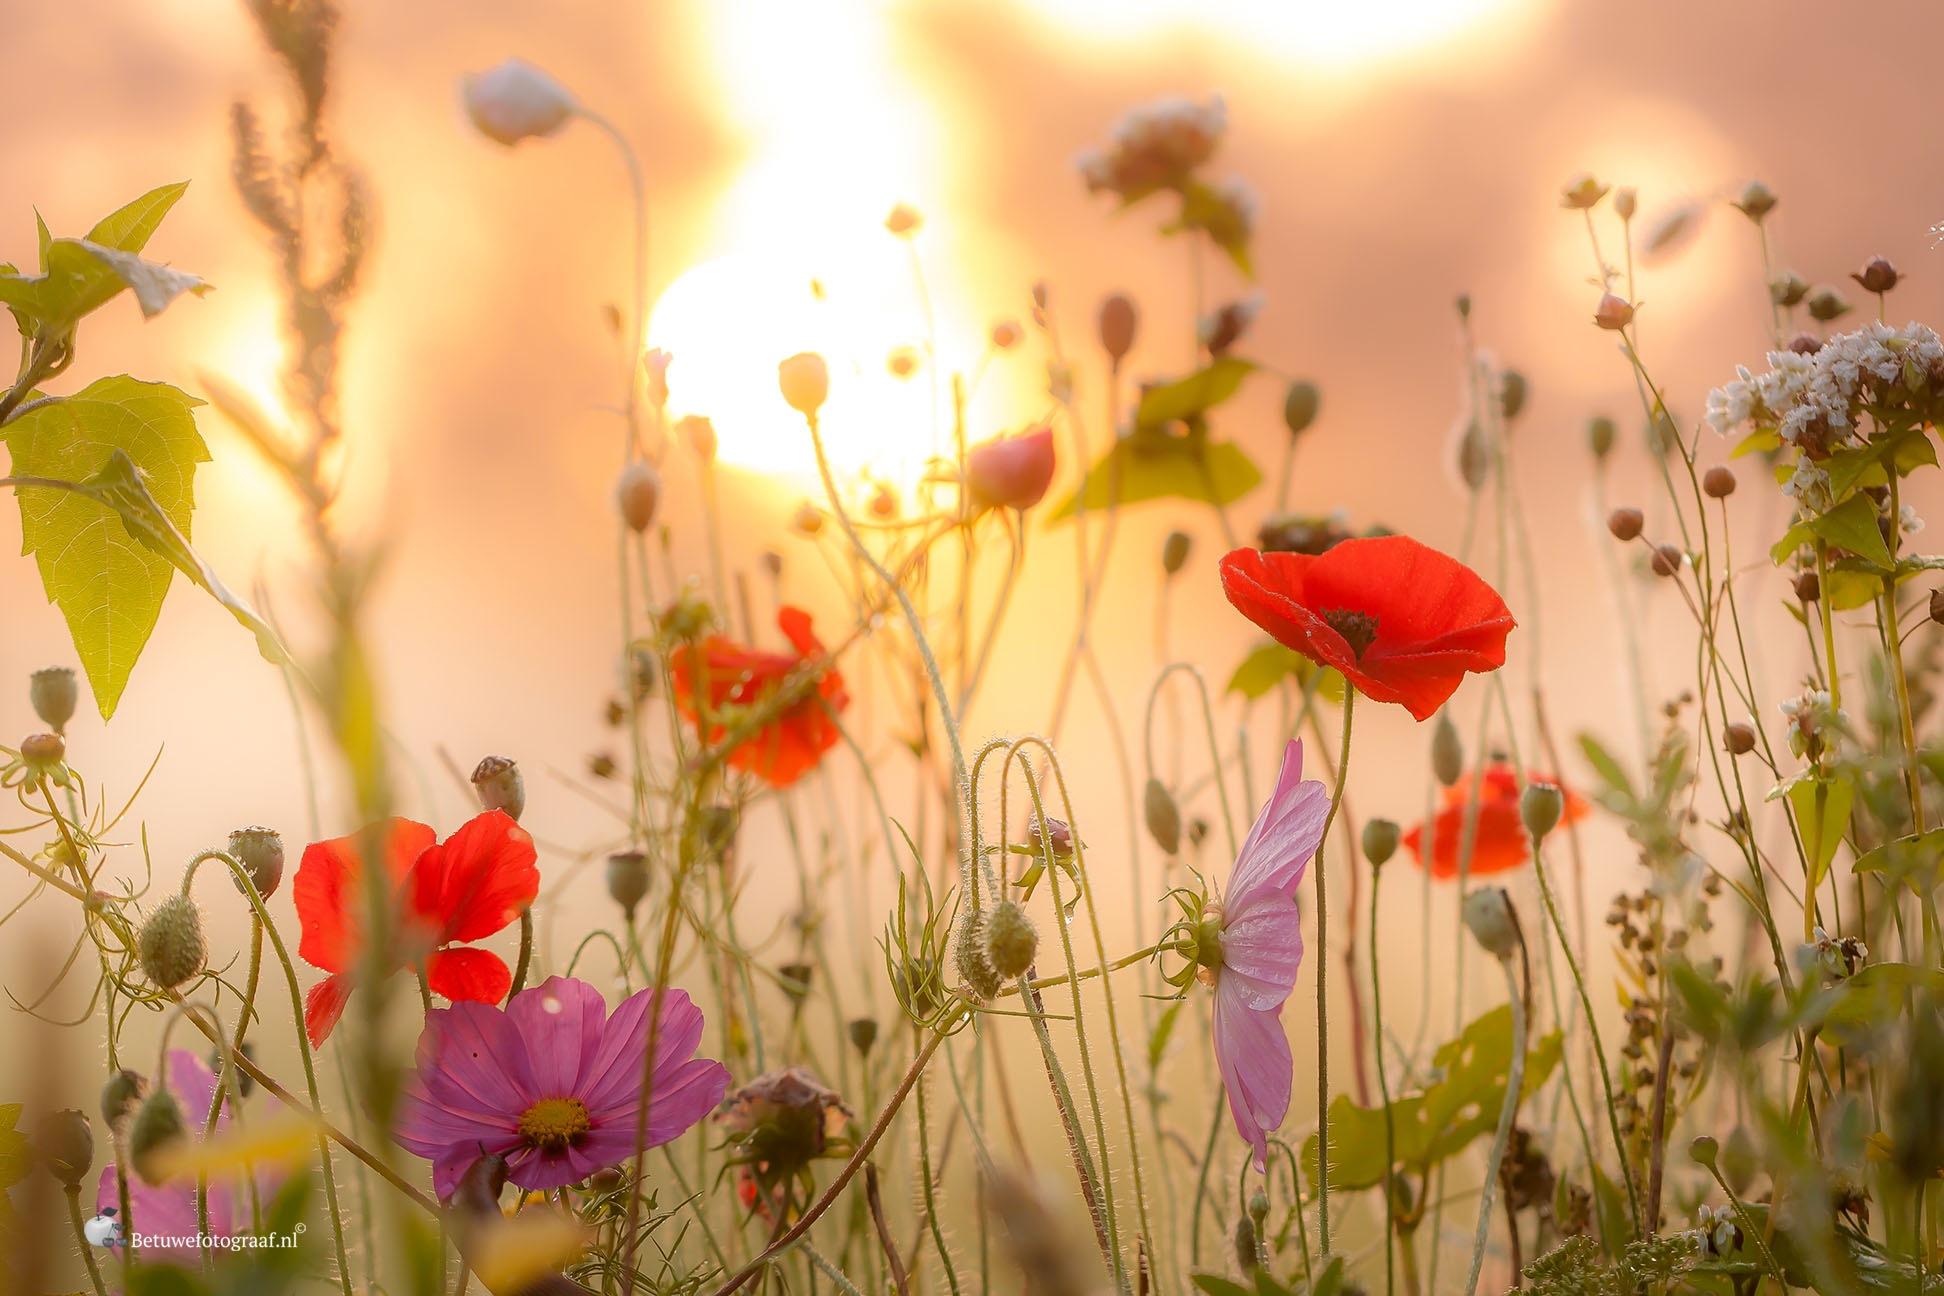 Flowers in the morning....Sunrise...... by Betuwefotograaf